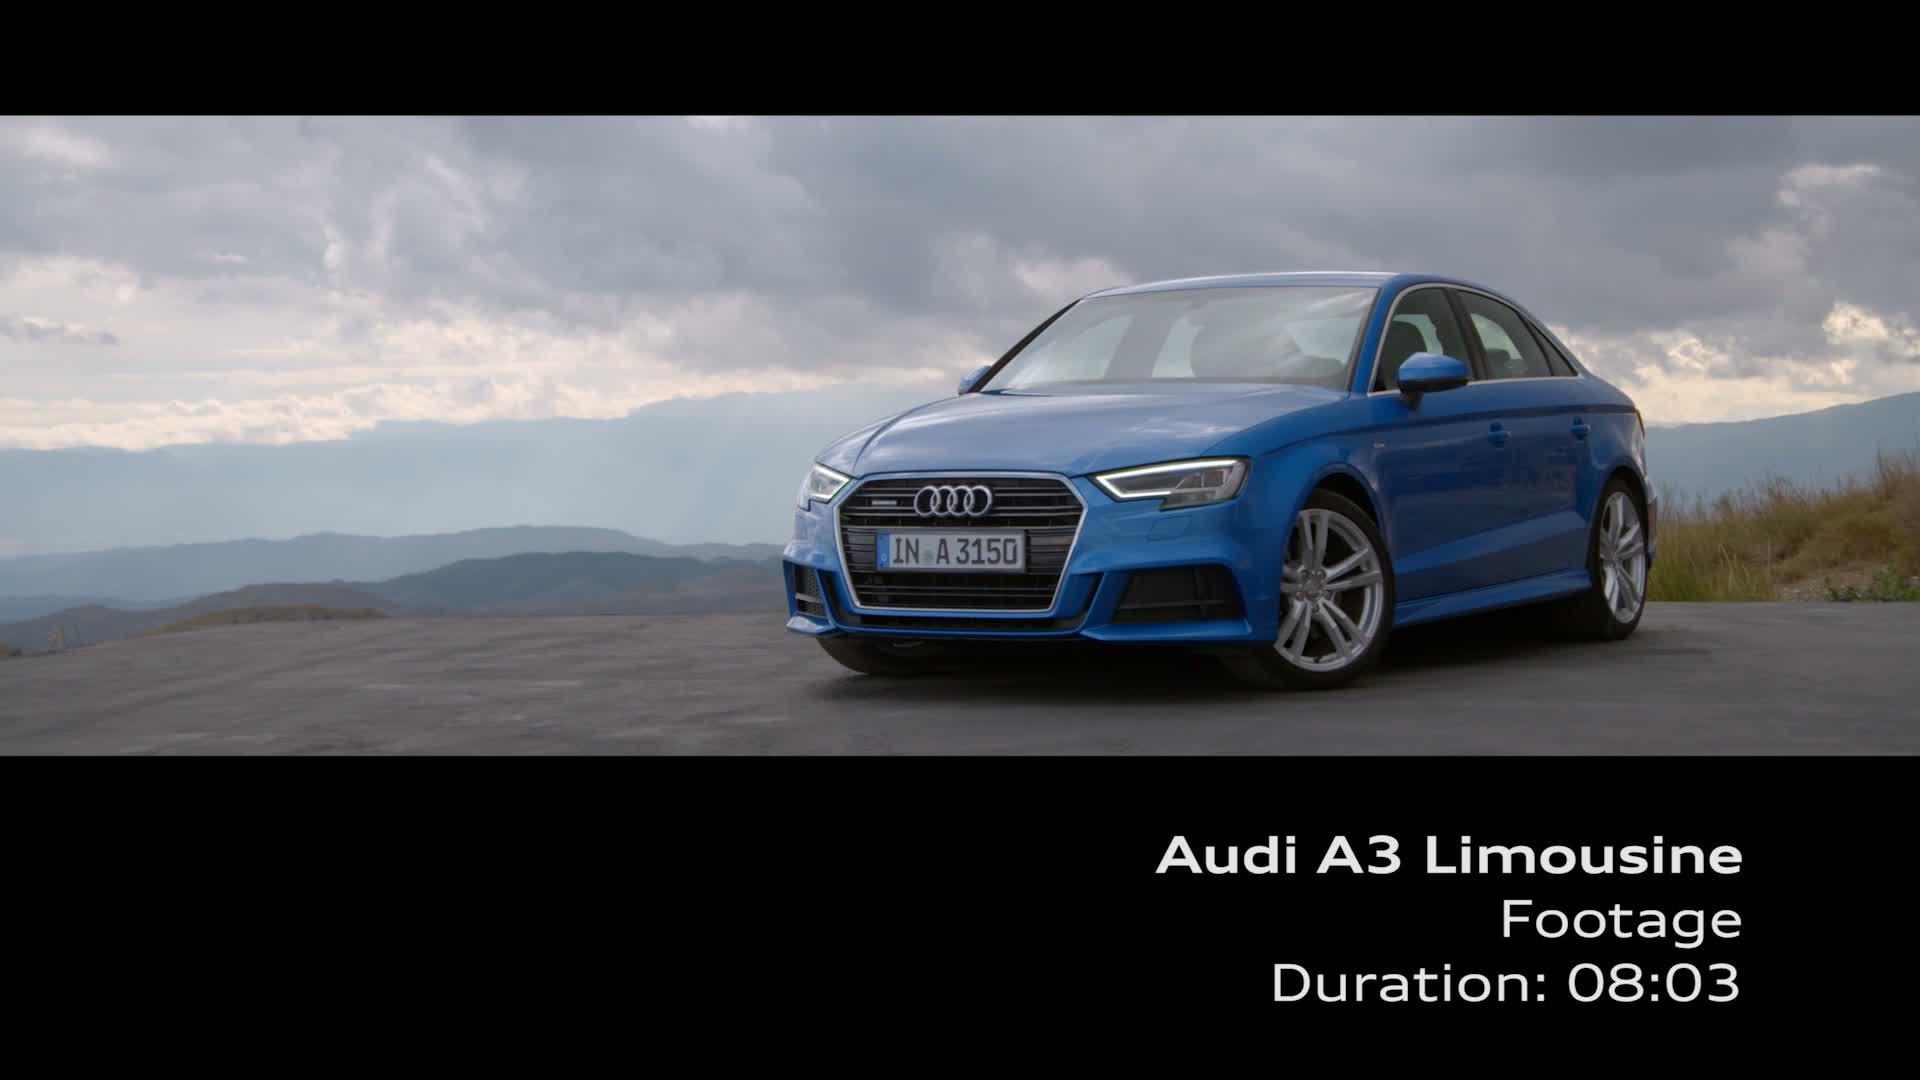 Audi A3 Limousine - Footage